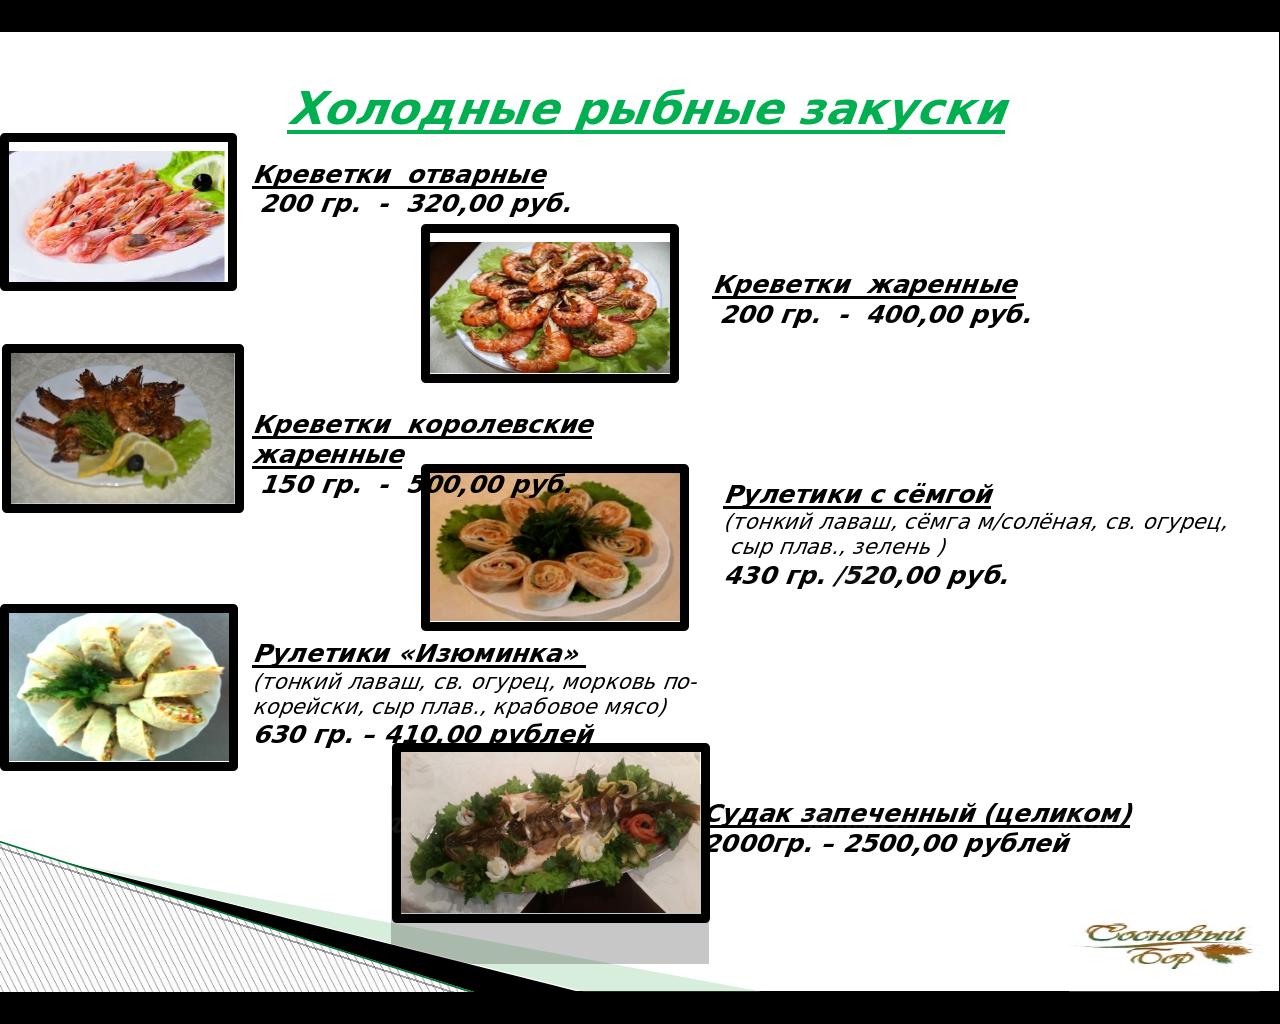 Меню кафе Сосновый бор на улице Громовой